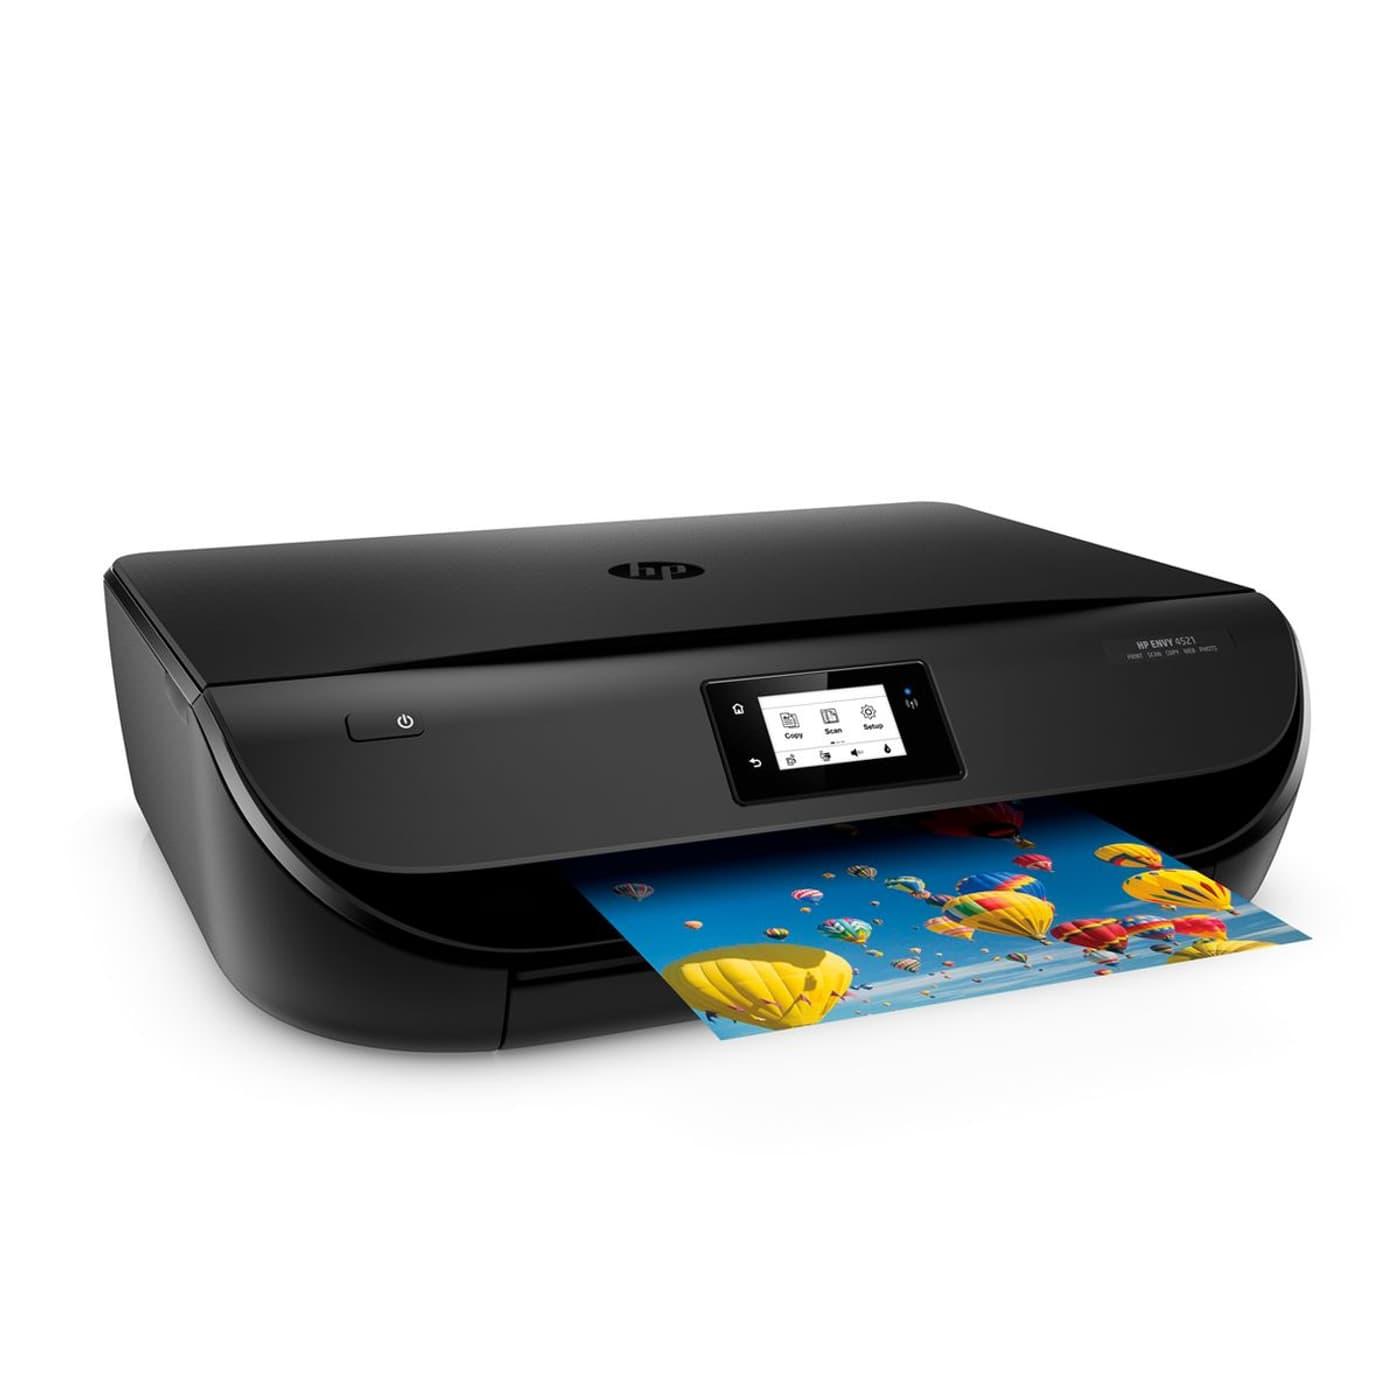 hp envy 4528 drucker scanner kopierer migros. Black Bedroom Furniture Sets. Home Design Ideas